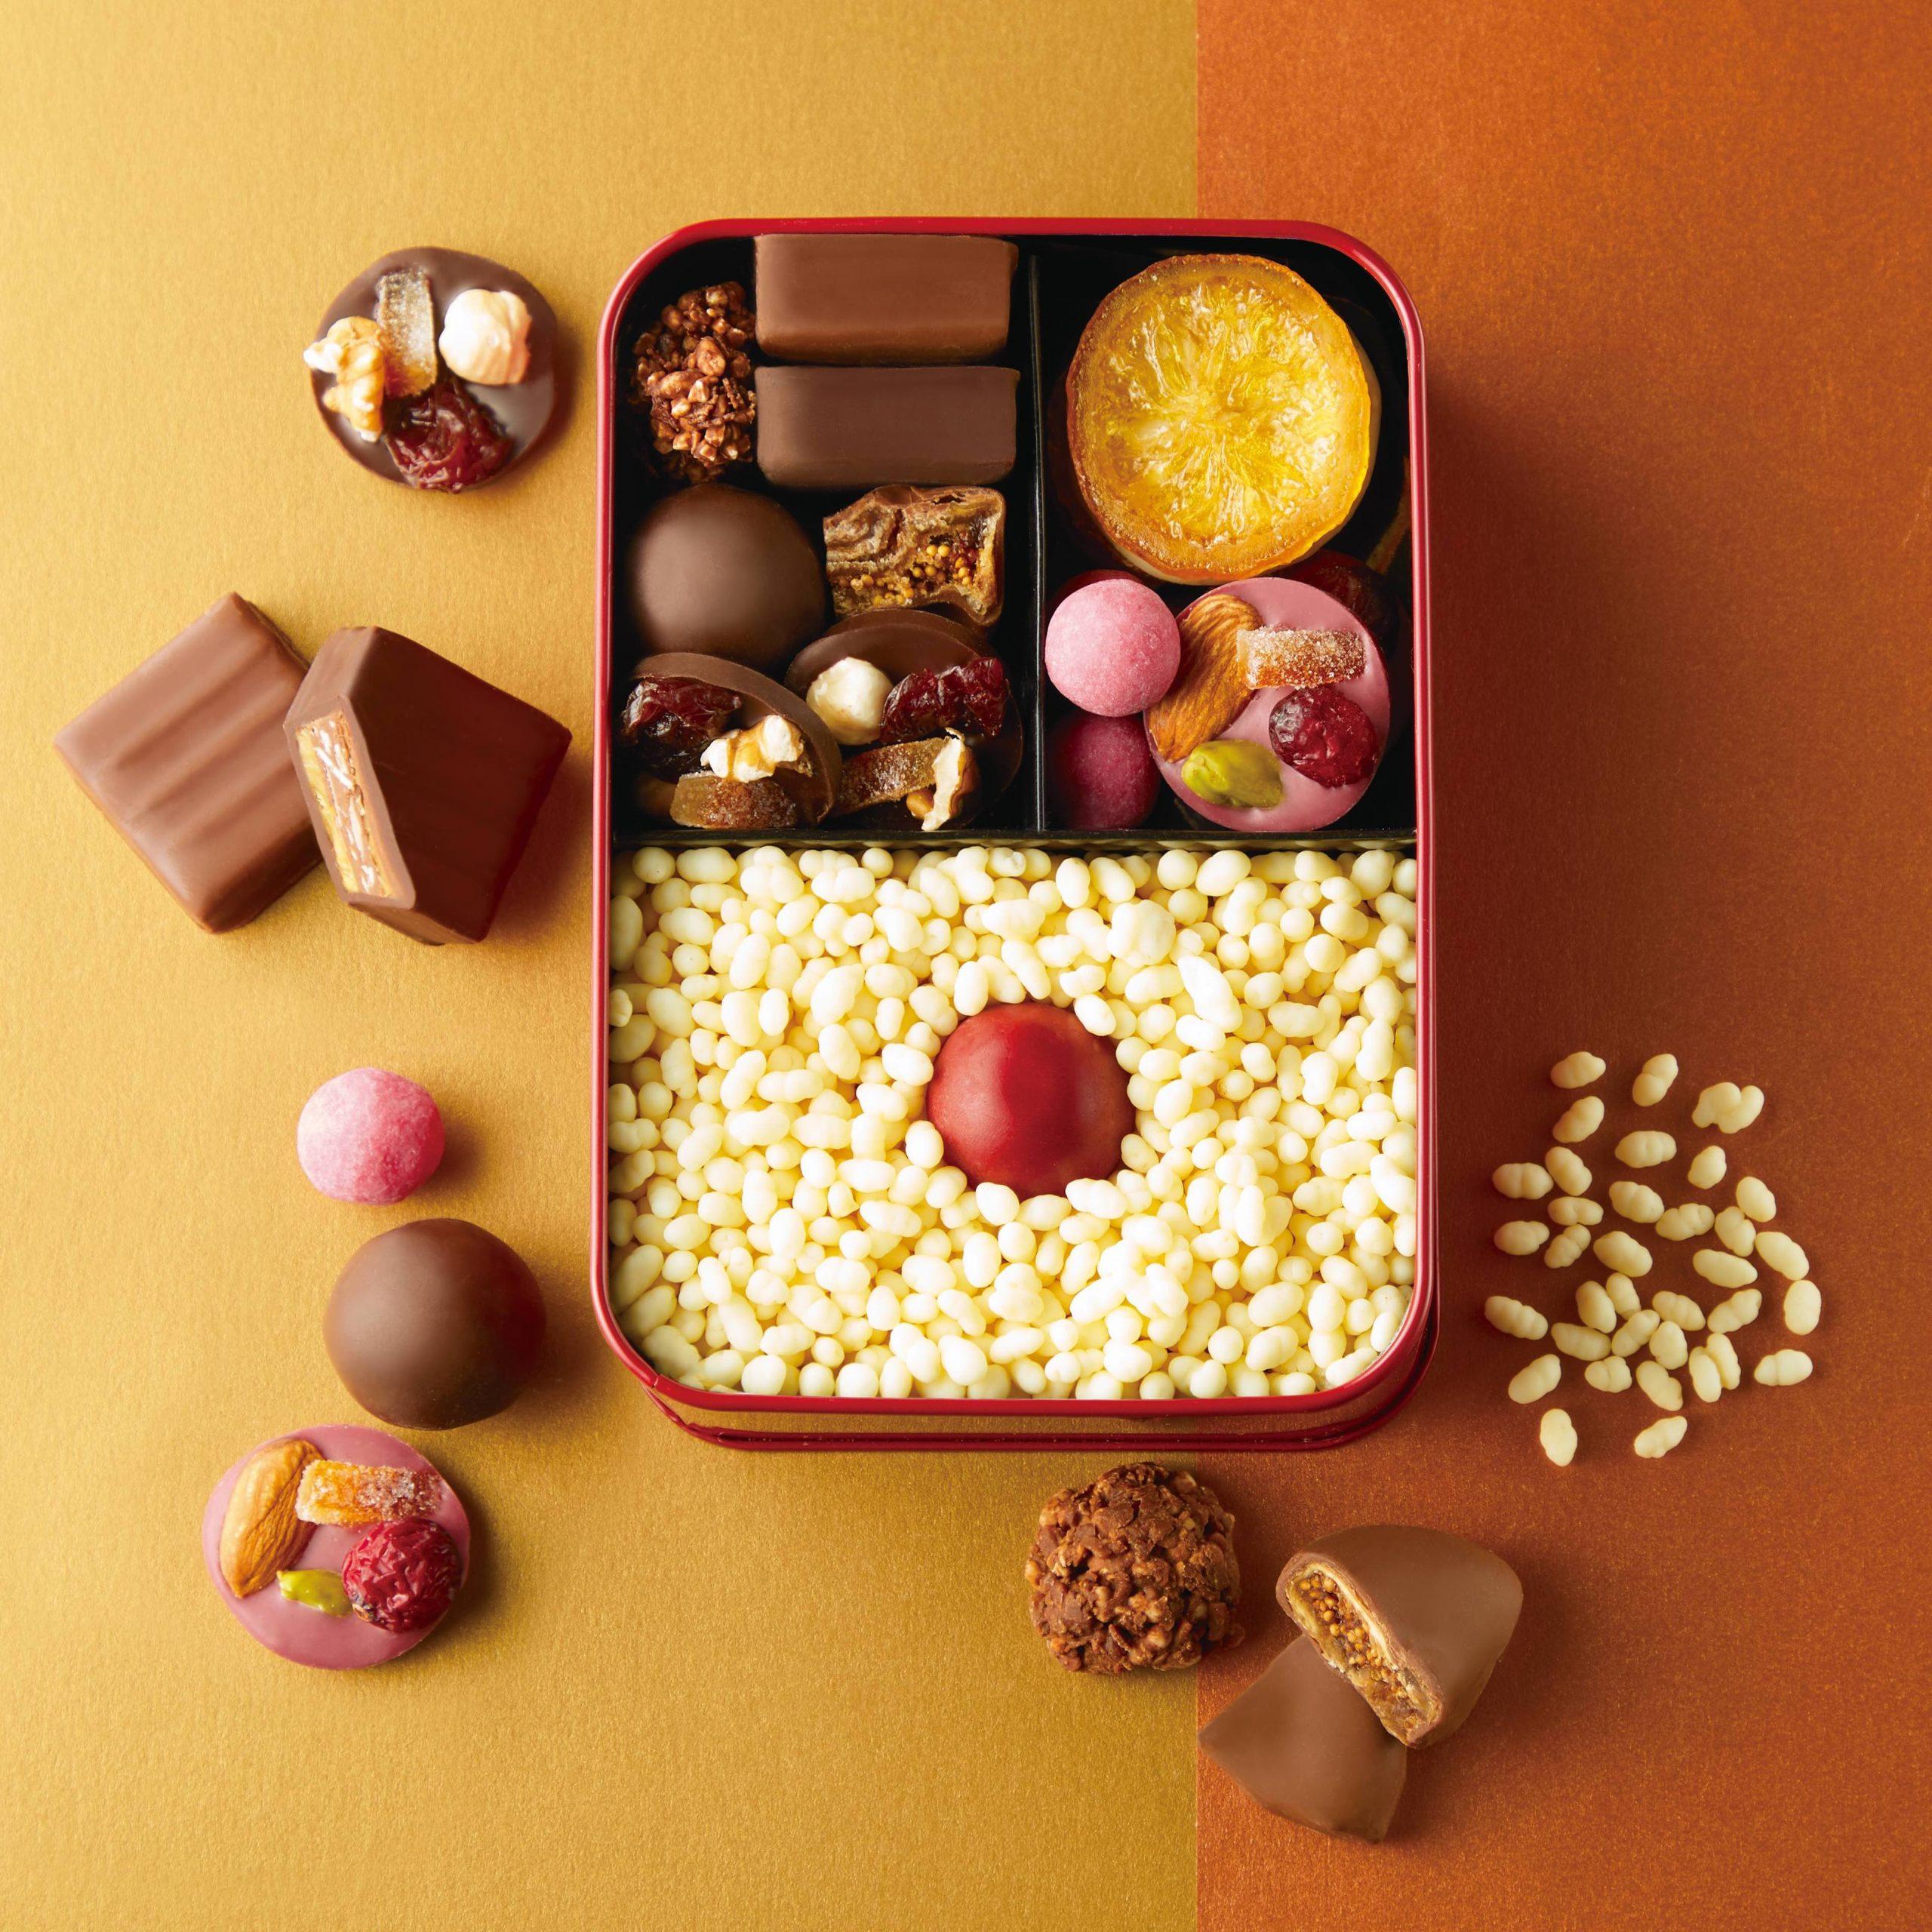 カカオ焼き菓子が詰まった「カカオ弁当」!? 東京・渋谷マークシティにチョコレートの新ブランド